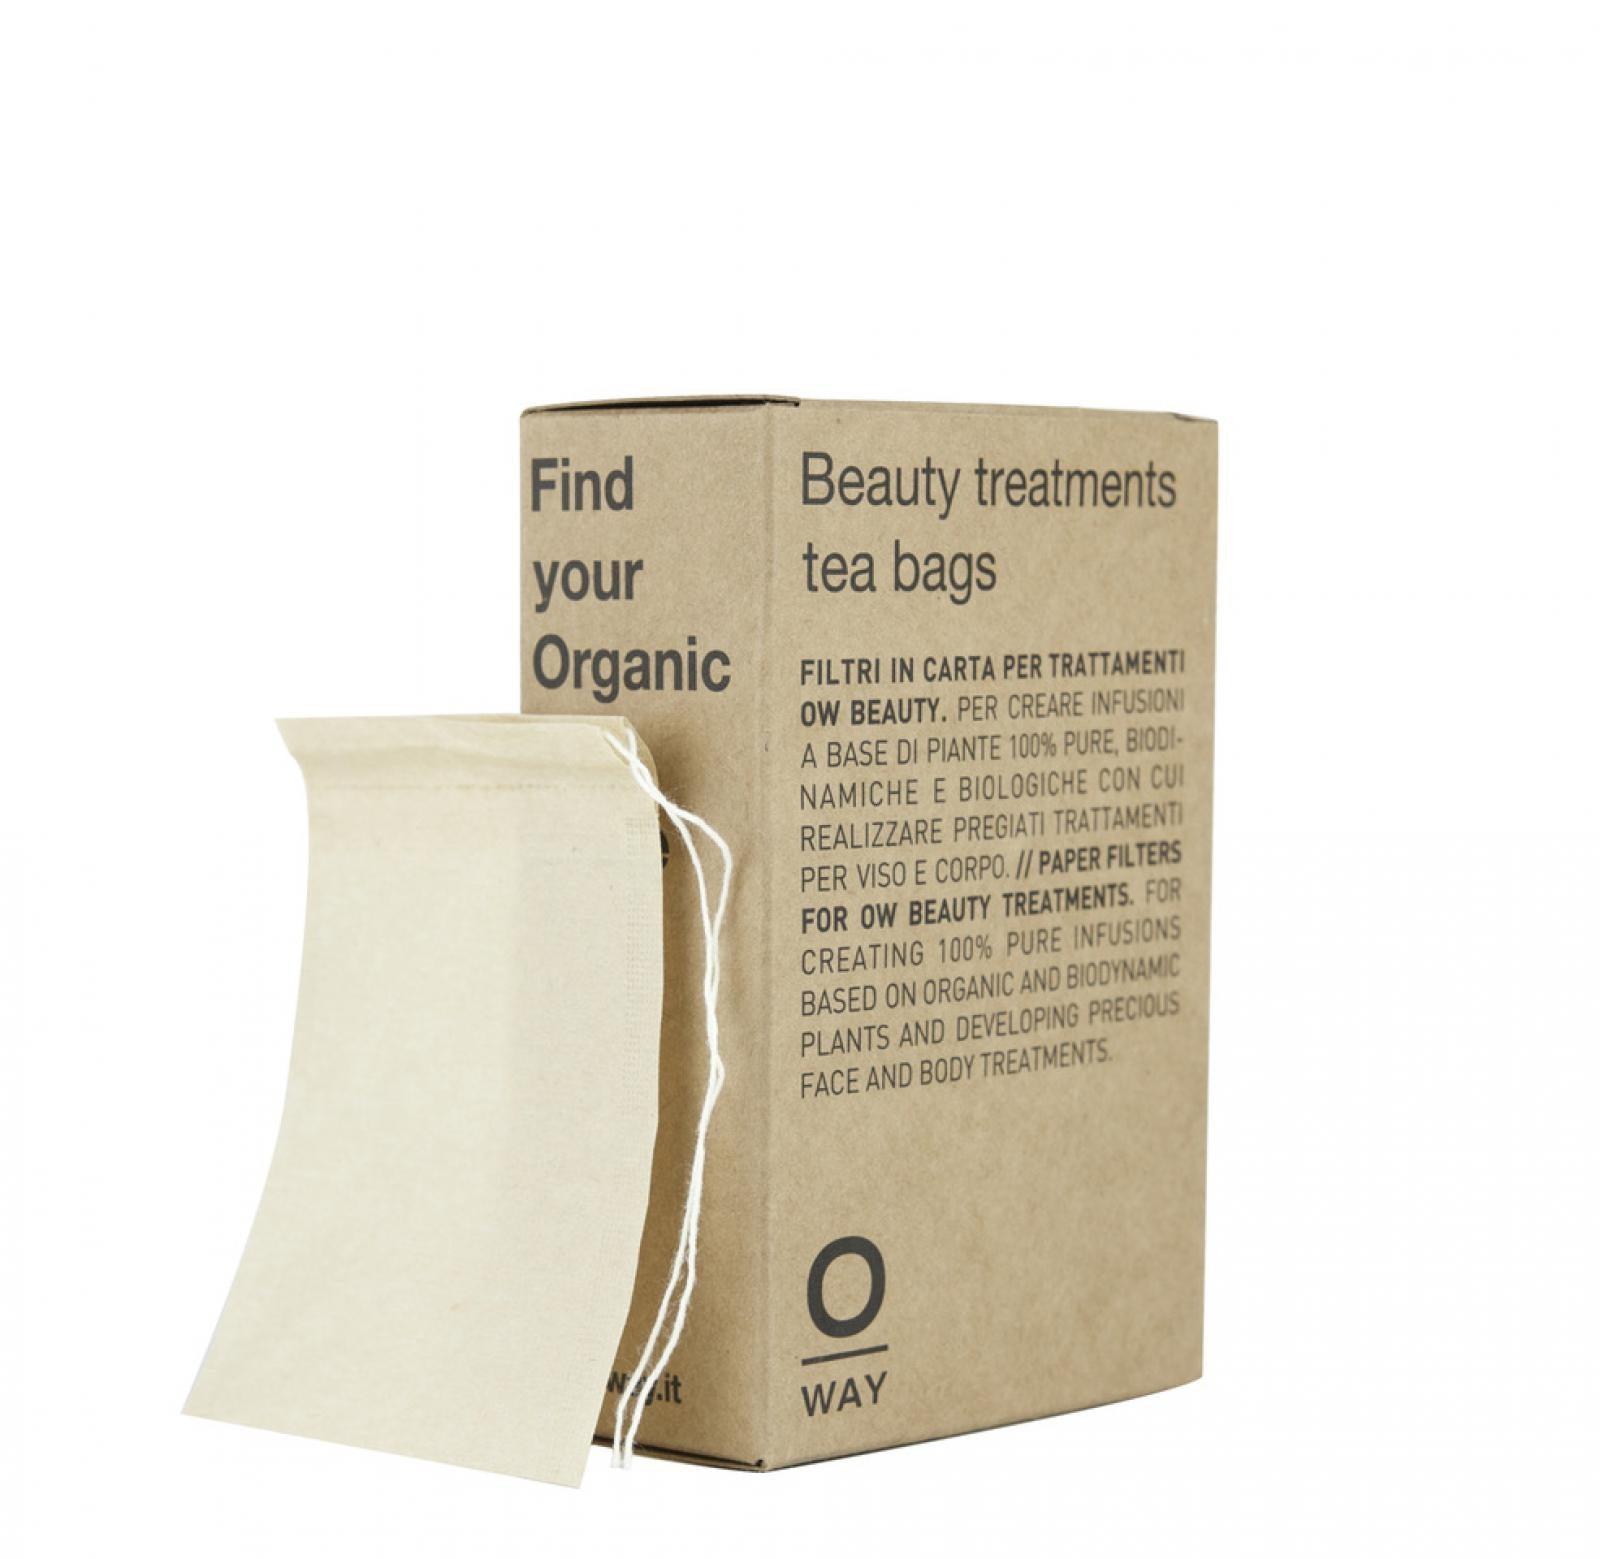 Oway Beauty Treatments Tea Bags (120 Pcs.)